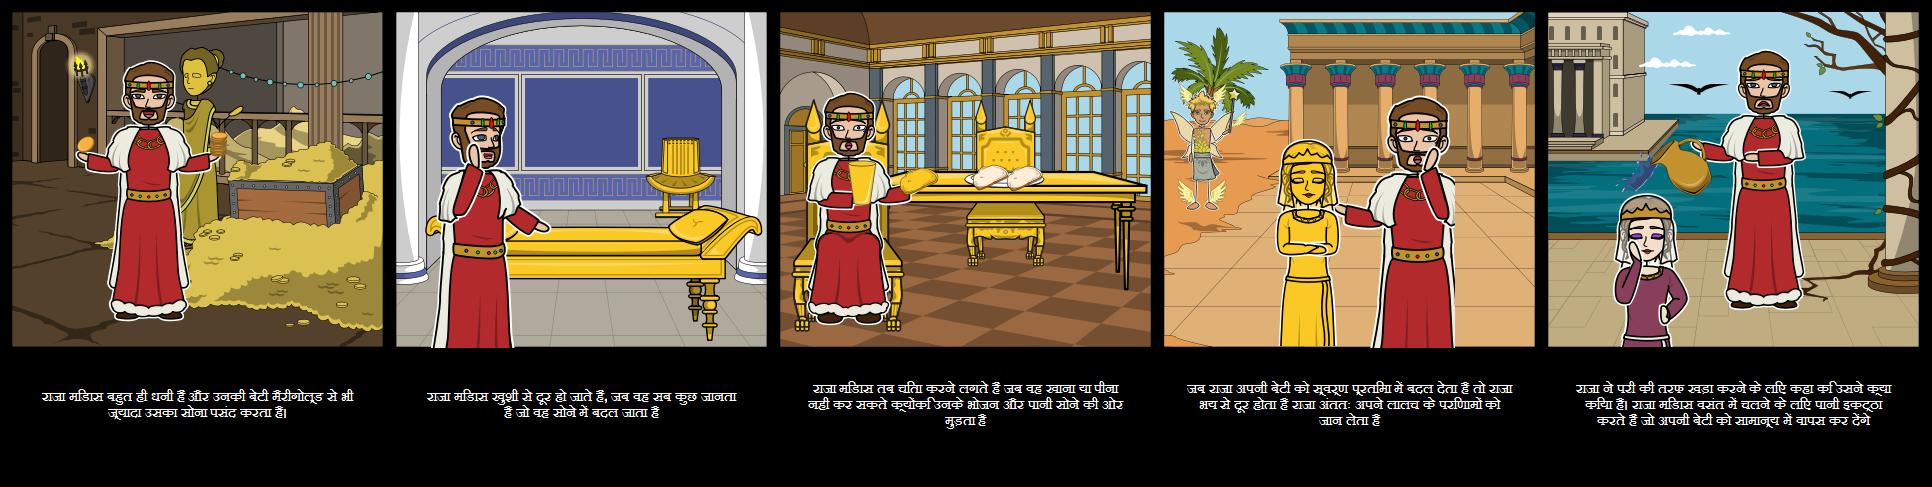 राजा मिडास 'गोल्डन टच चरित्र विश्लेषण